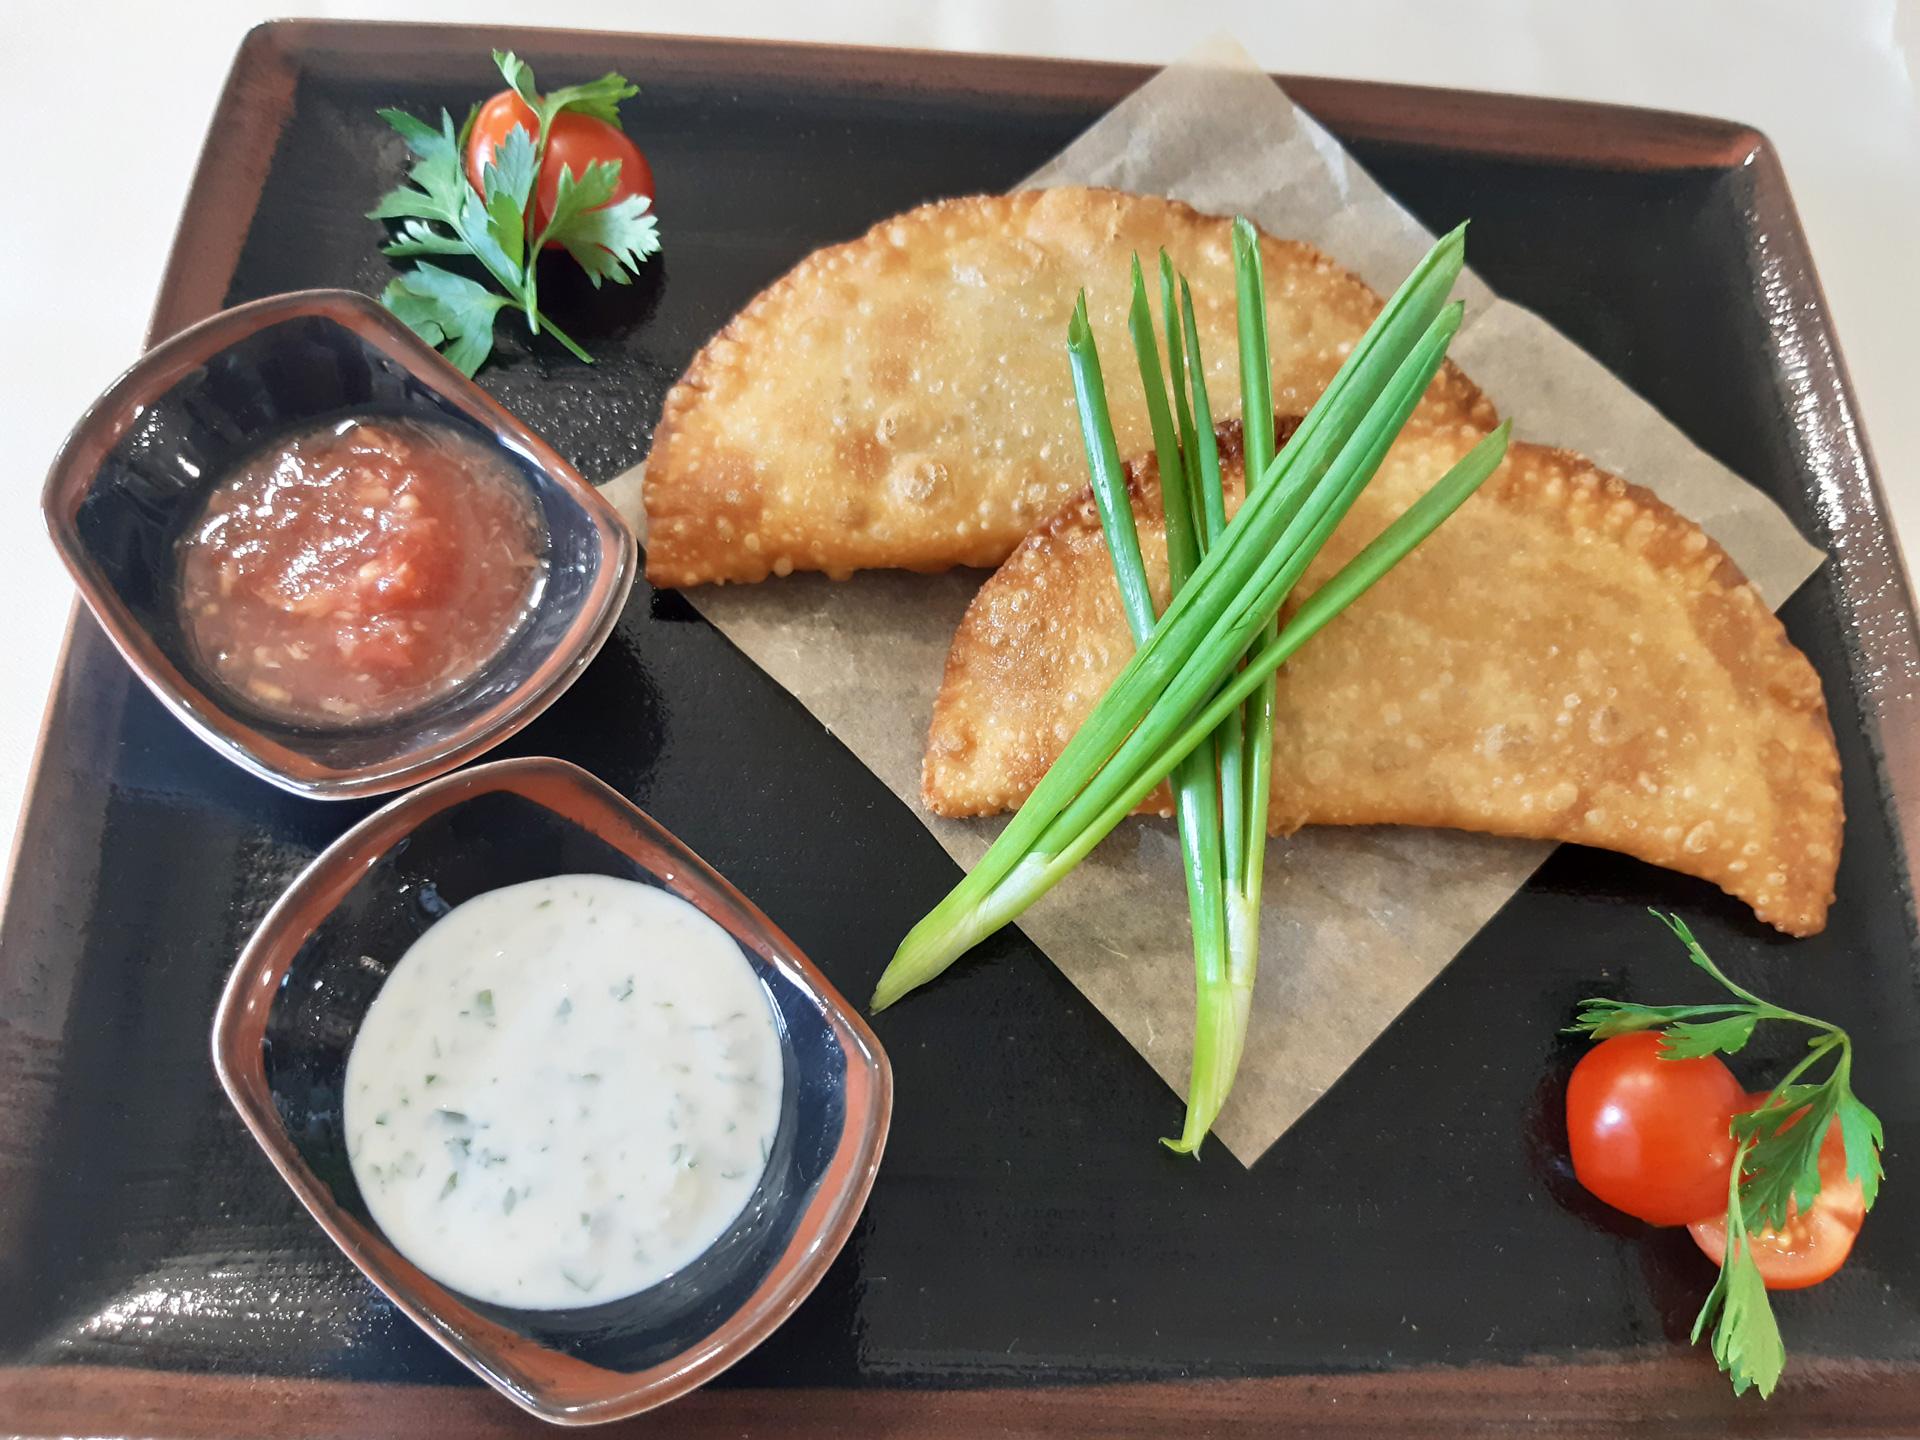 Тринадцатый чебурек в ресторане Аннам Брахма в Оренбурге